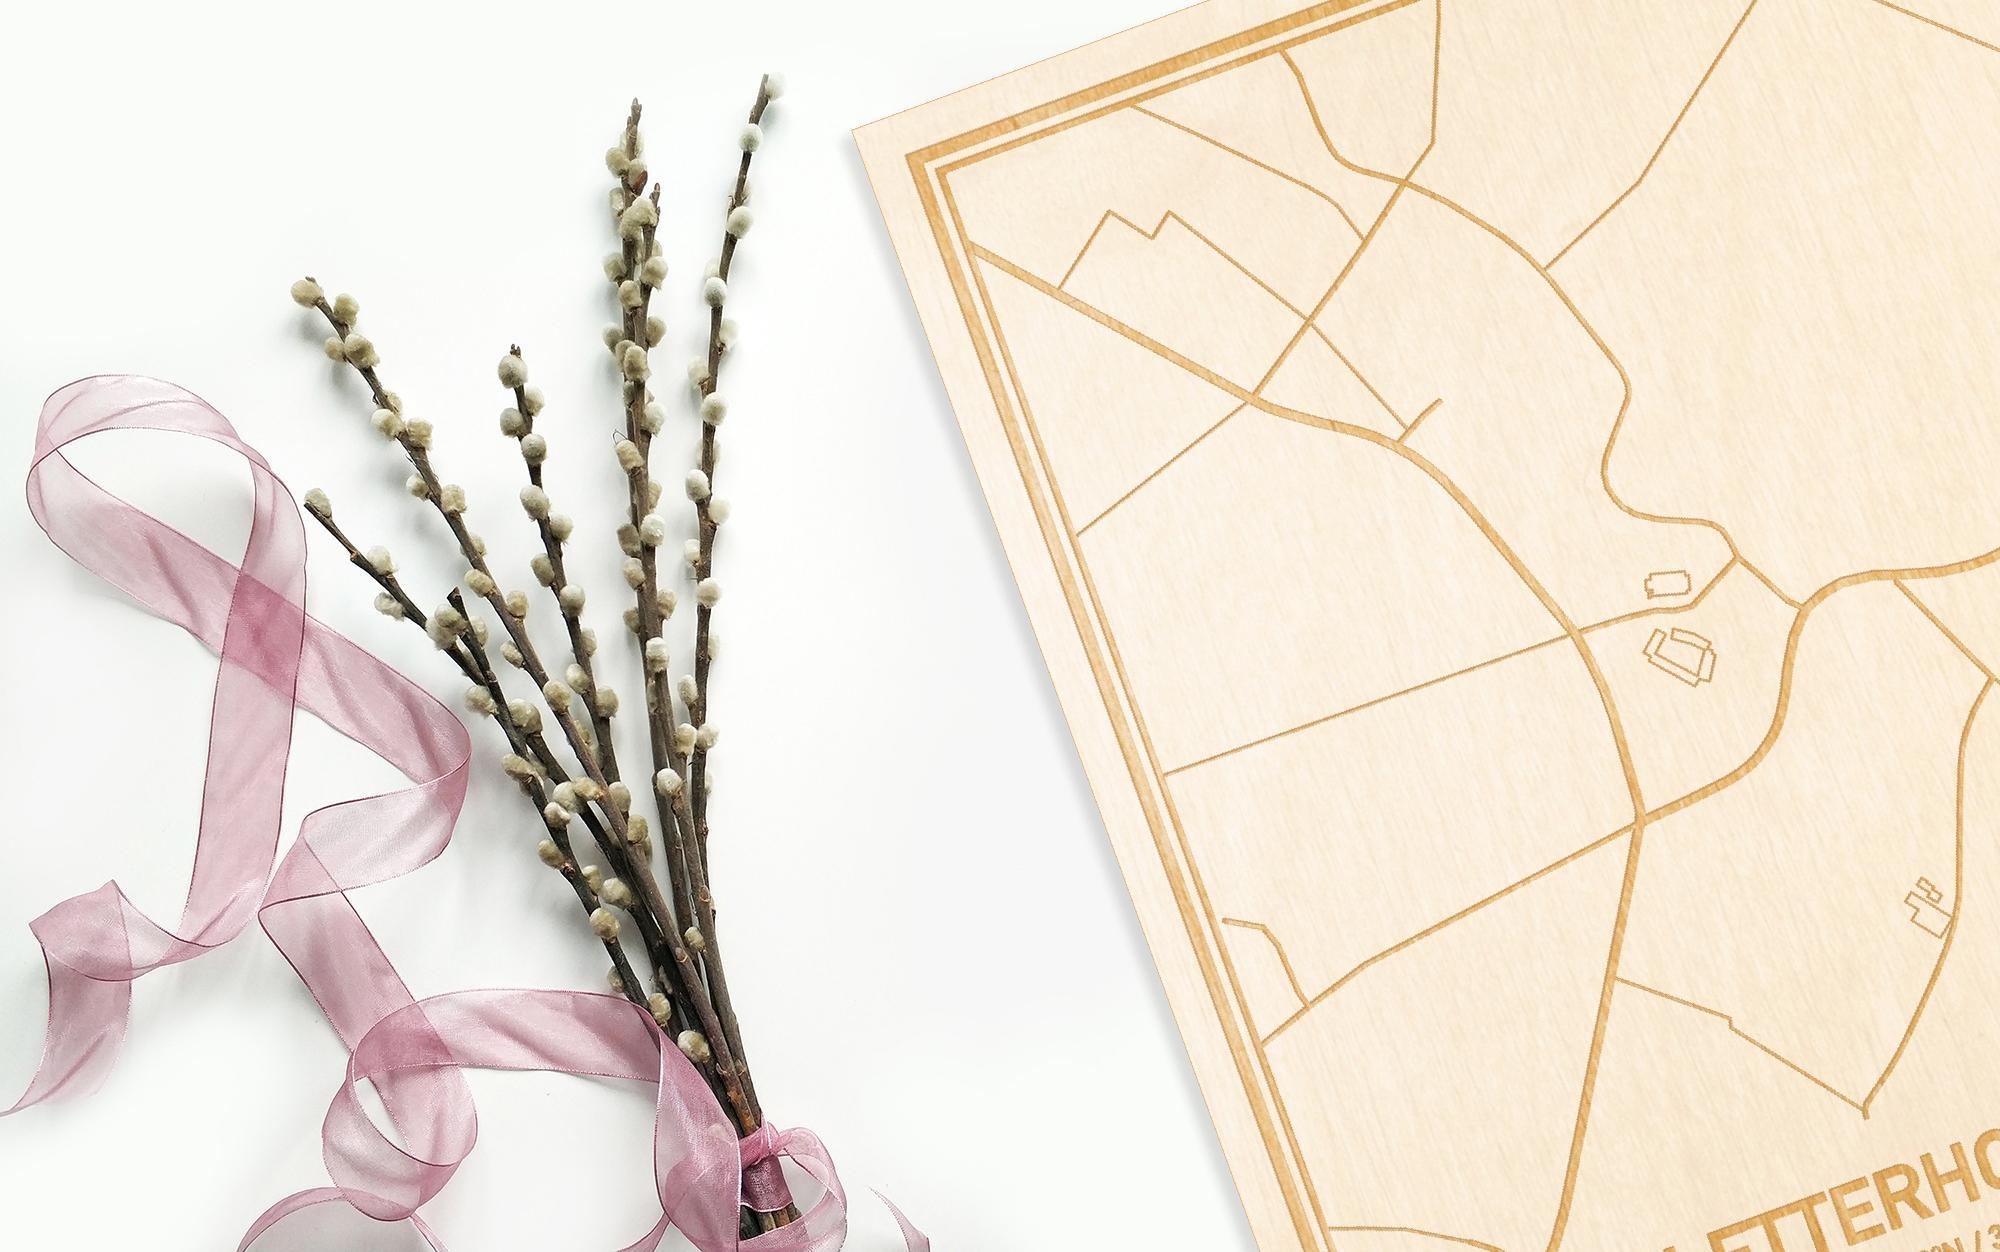 Hier ligt de houten plattegrond Letterhoutem naast een bloemetje als gepersonaliseerd cadeau voor haar.